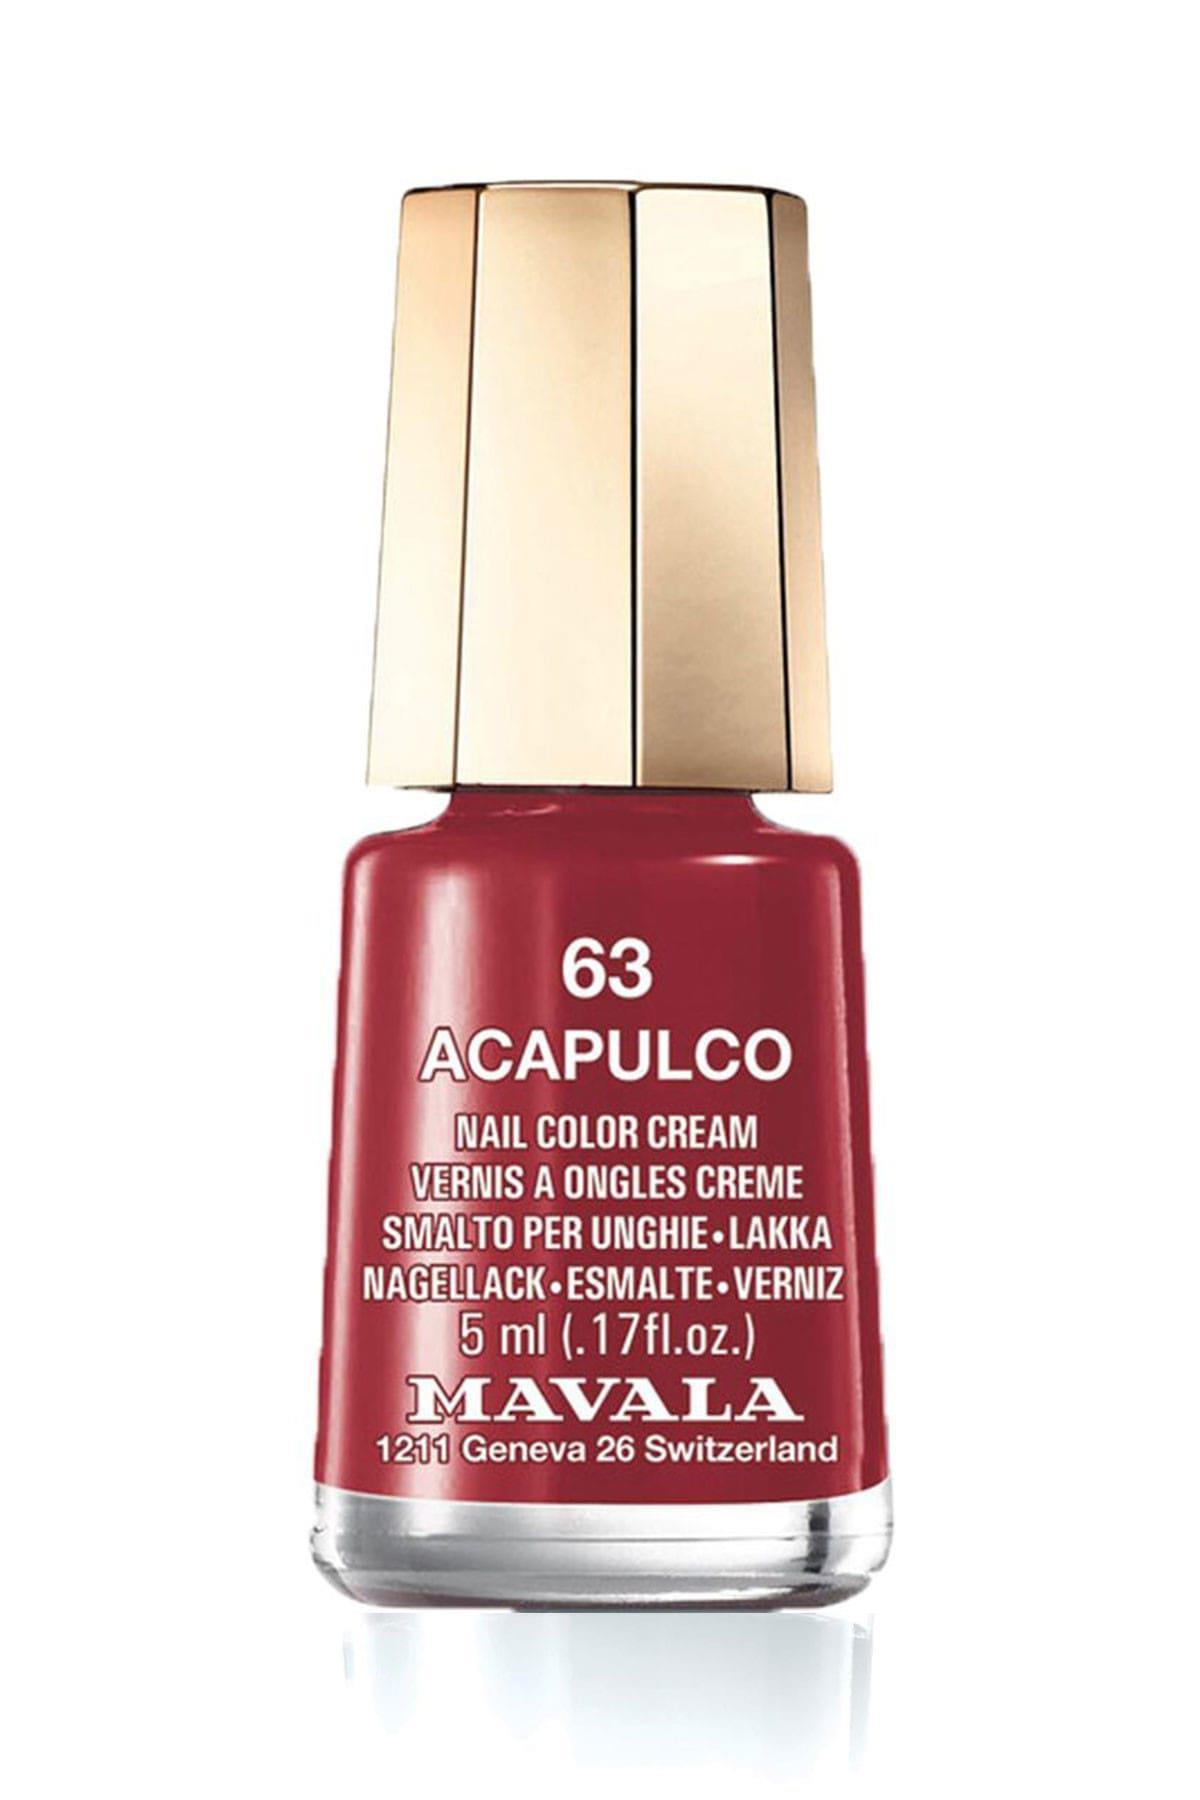 Mavala 63 Acapulco Oje